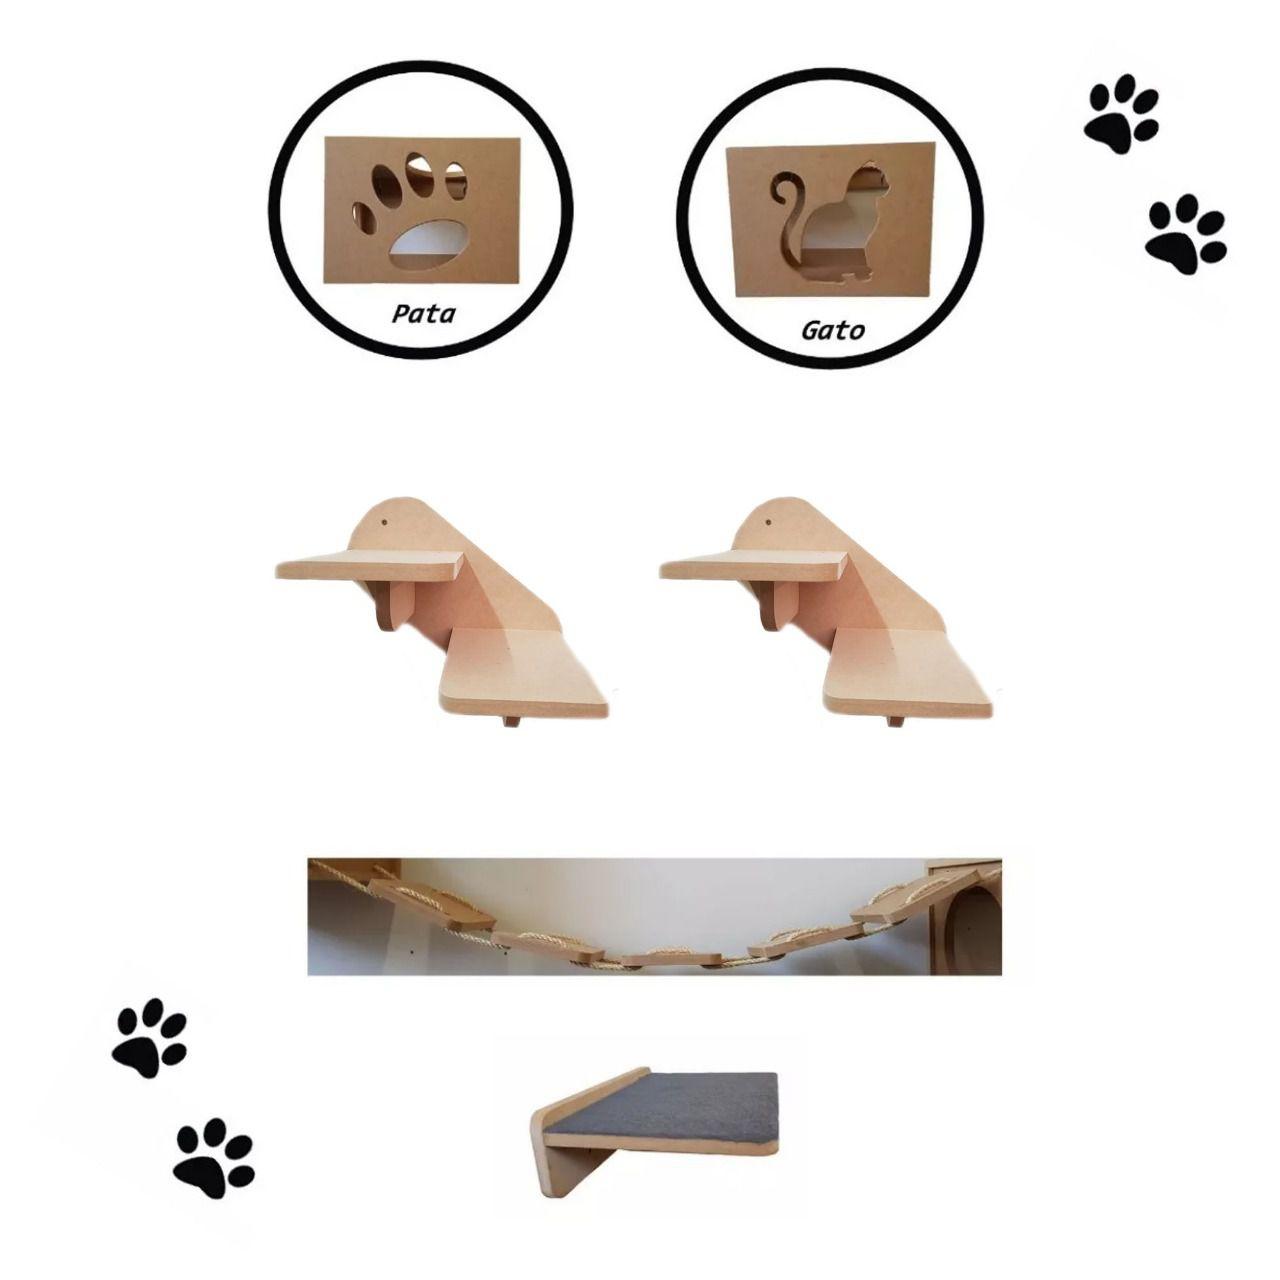 Nicho Gato - Kit Niho para Gao - 6 peças = 2 Nichos + Ponte + Prateleira + 2 Escadas para Gato em MDF 15mm